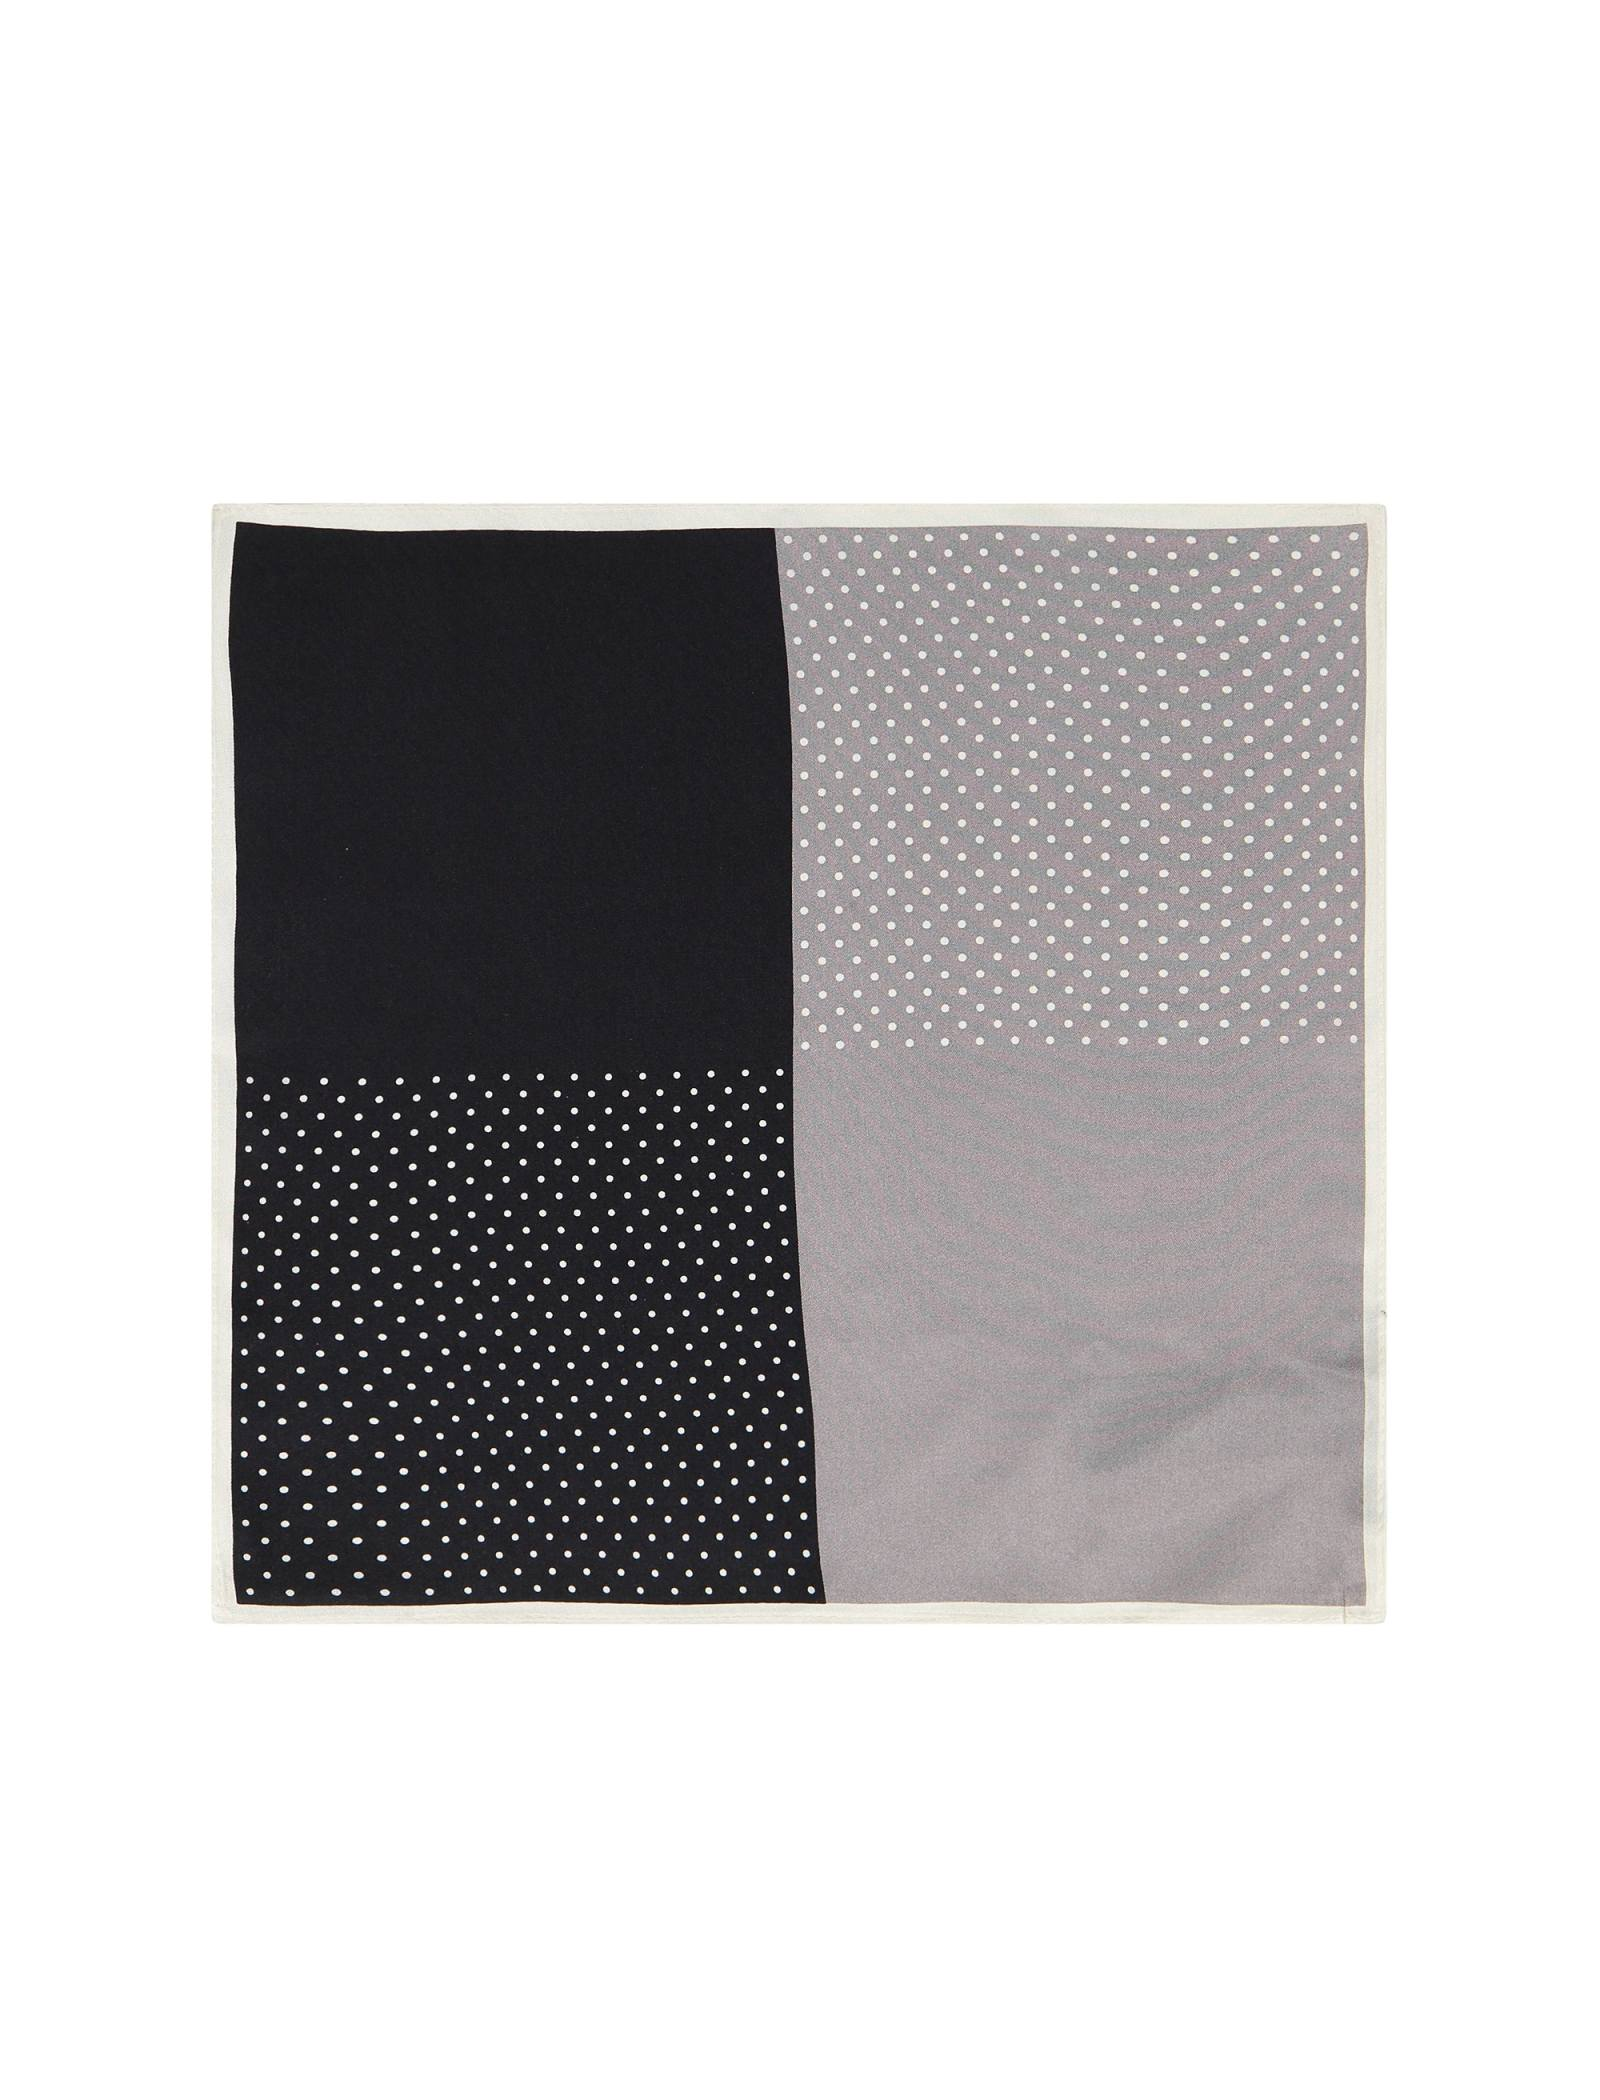 دستمال گردن ابریشم طرح دار مردانه - مانگو - مشکي و طوسي - 1